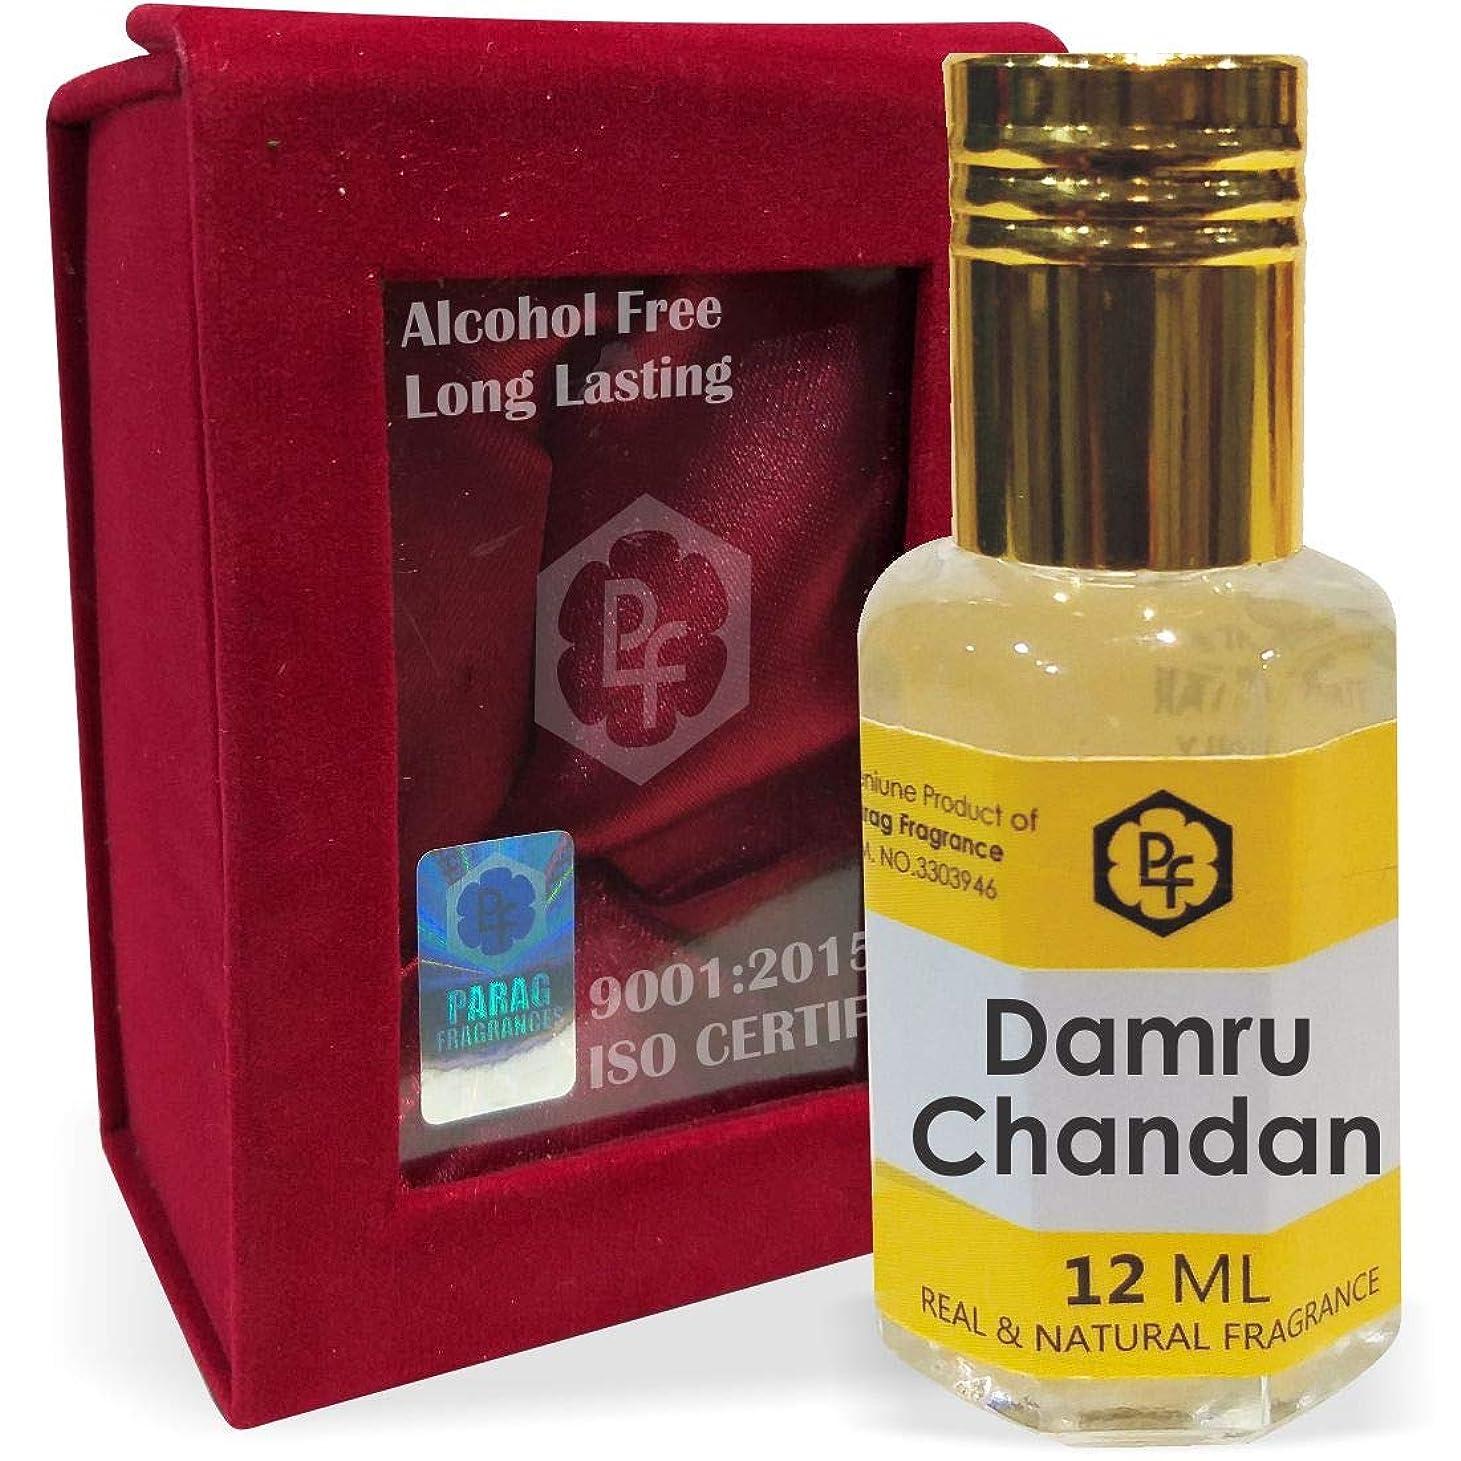 トランスミッション愛する名声ParagフレグランスDamru手作りベルベットボックスチャンダン12ミリリットルアター/香水(インドの伝統的なBhapka処理方法により、インド製)オイル/フレグランスオイル|長持ちアターITRA最高の品質